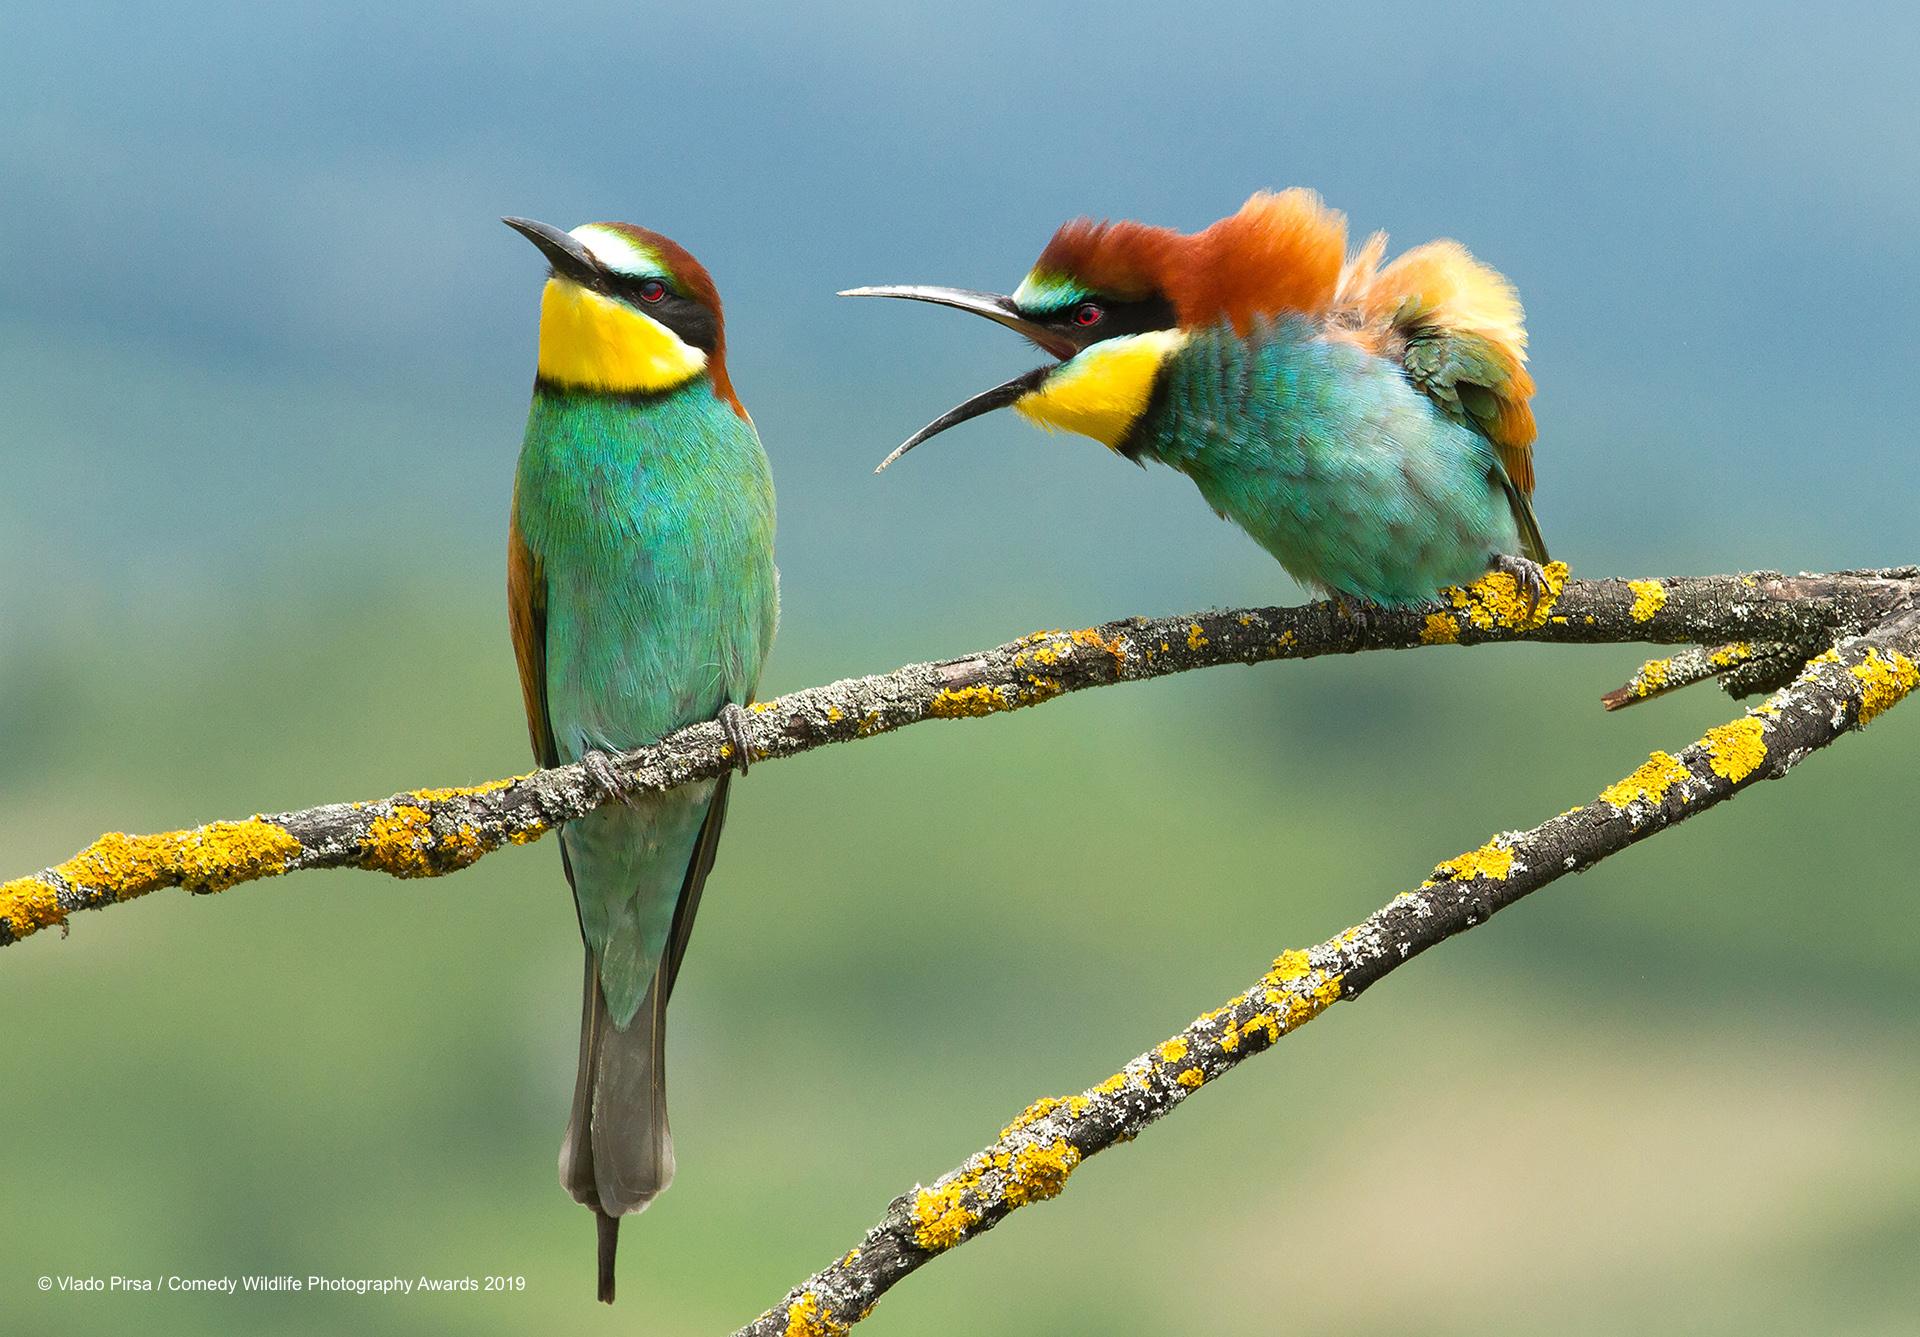 Scenu svađe između dvije ptice snimio je Vlado Pirsa, negdje u Hrvatskoj